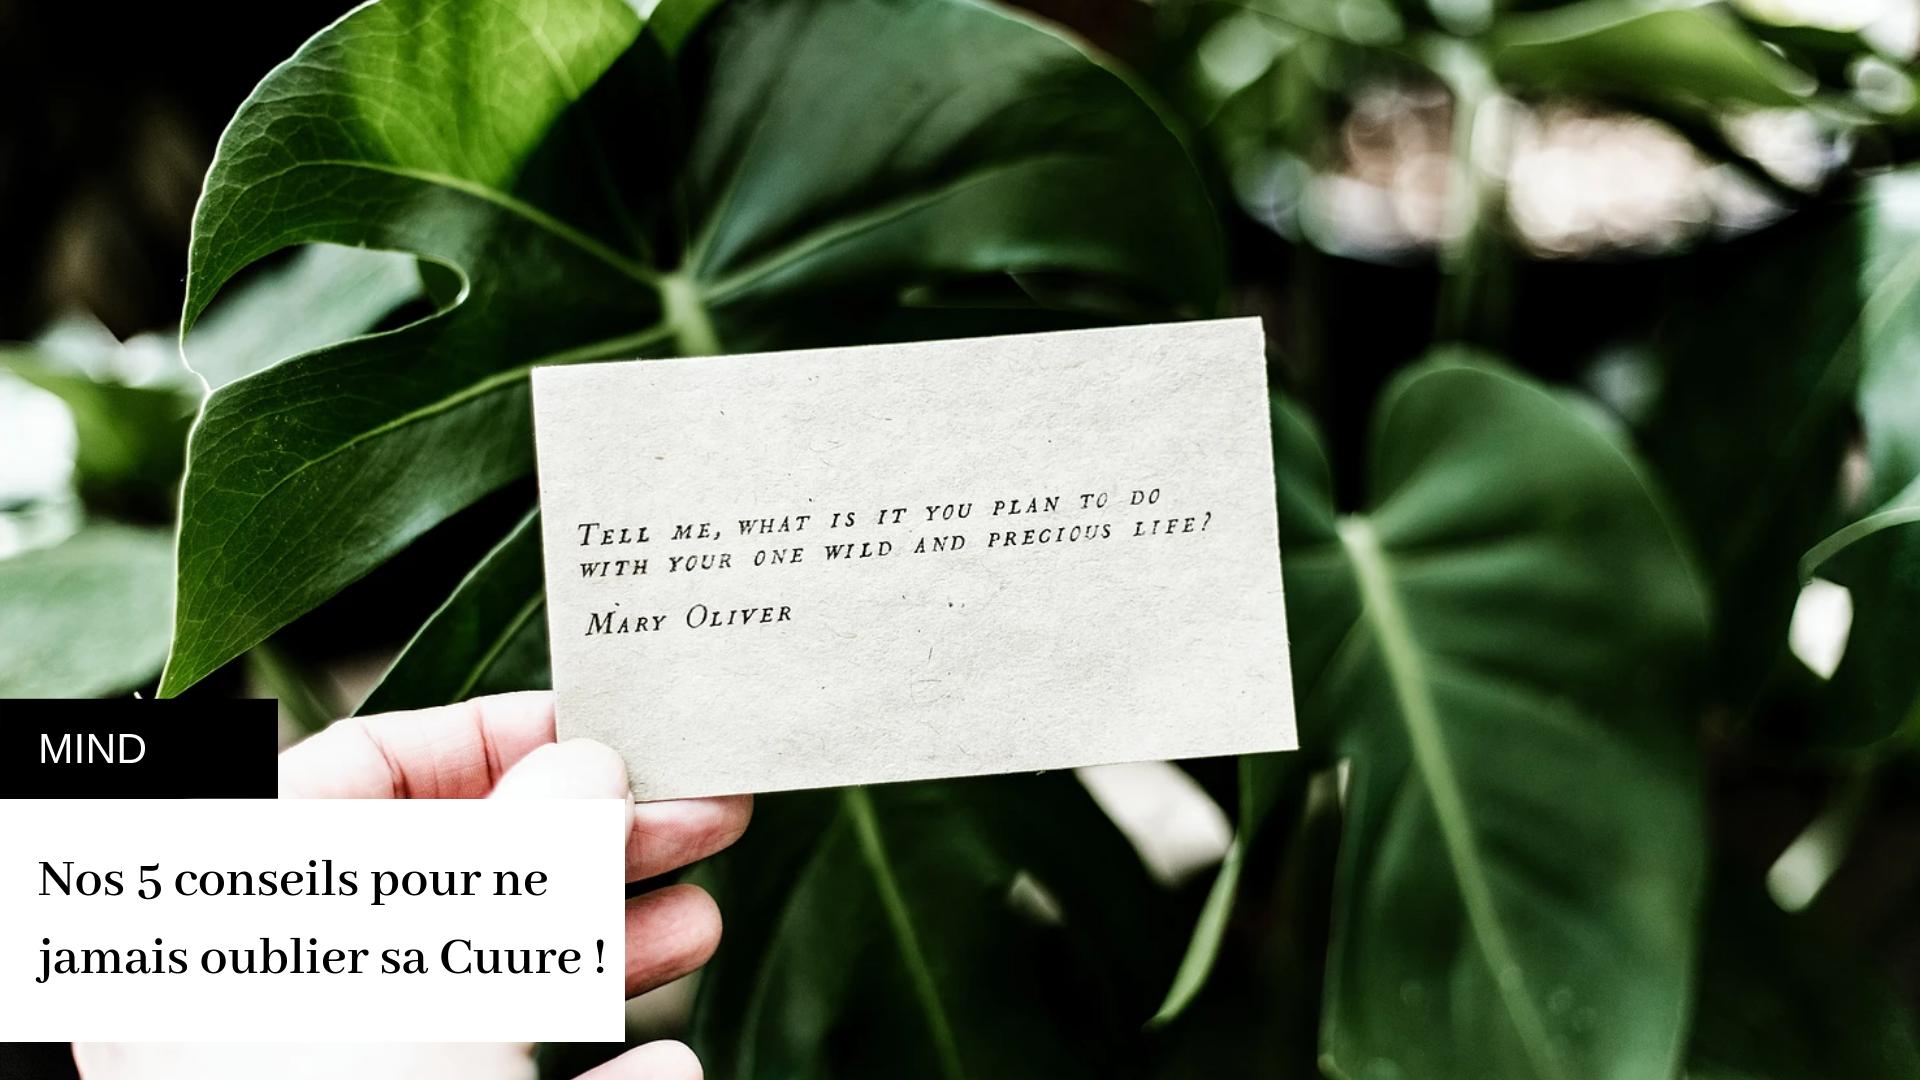 https://www.journal.cuure.co/post/nos-5-conseils-pratiques-pour-ne-jamais-oublier-de-prendre-sa-cuure